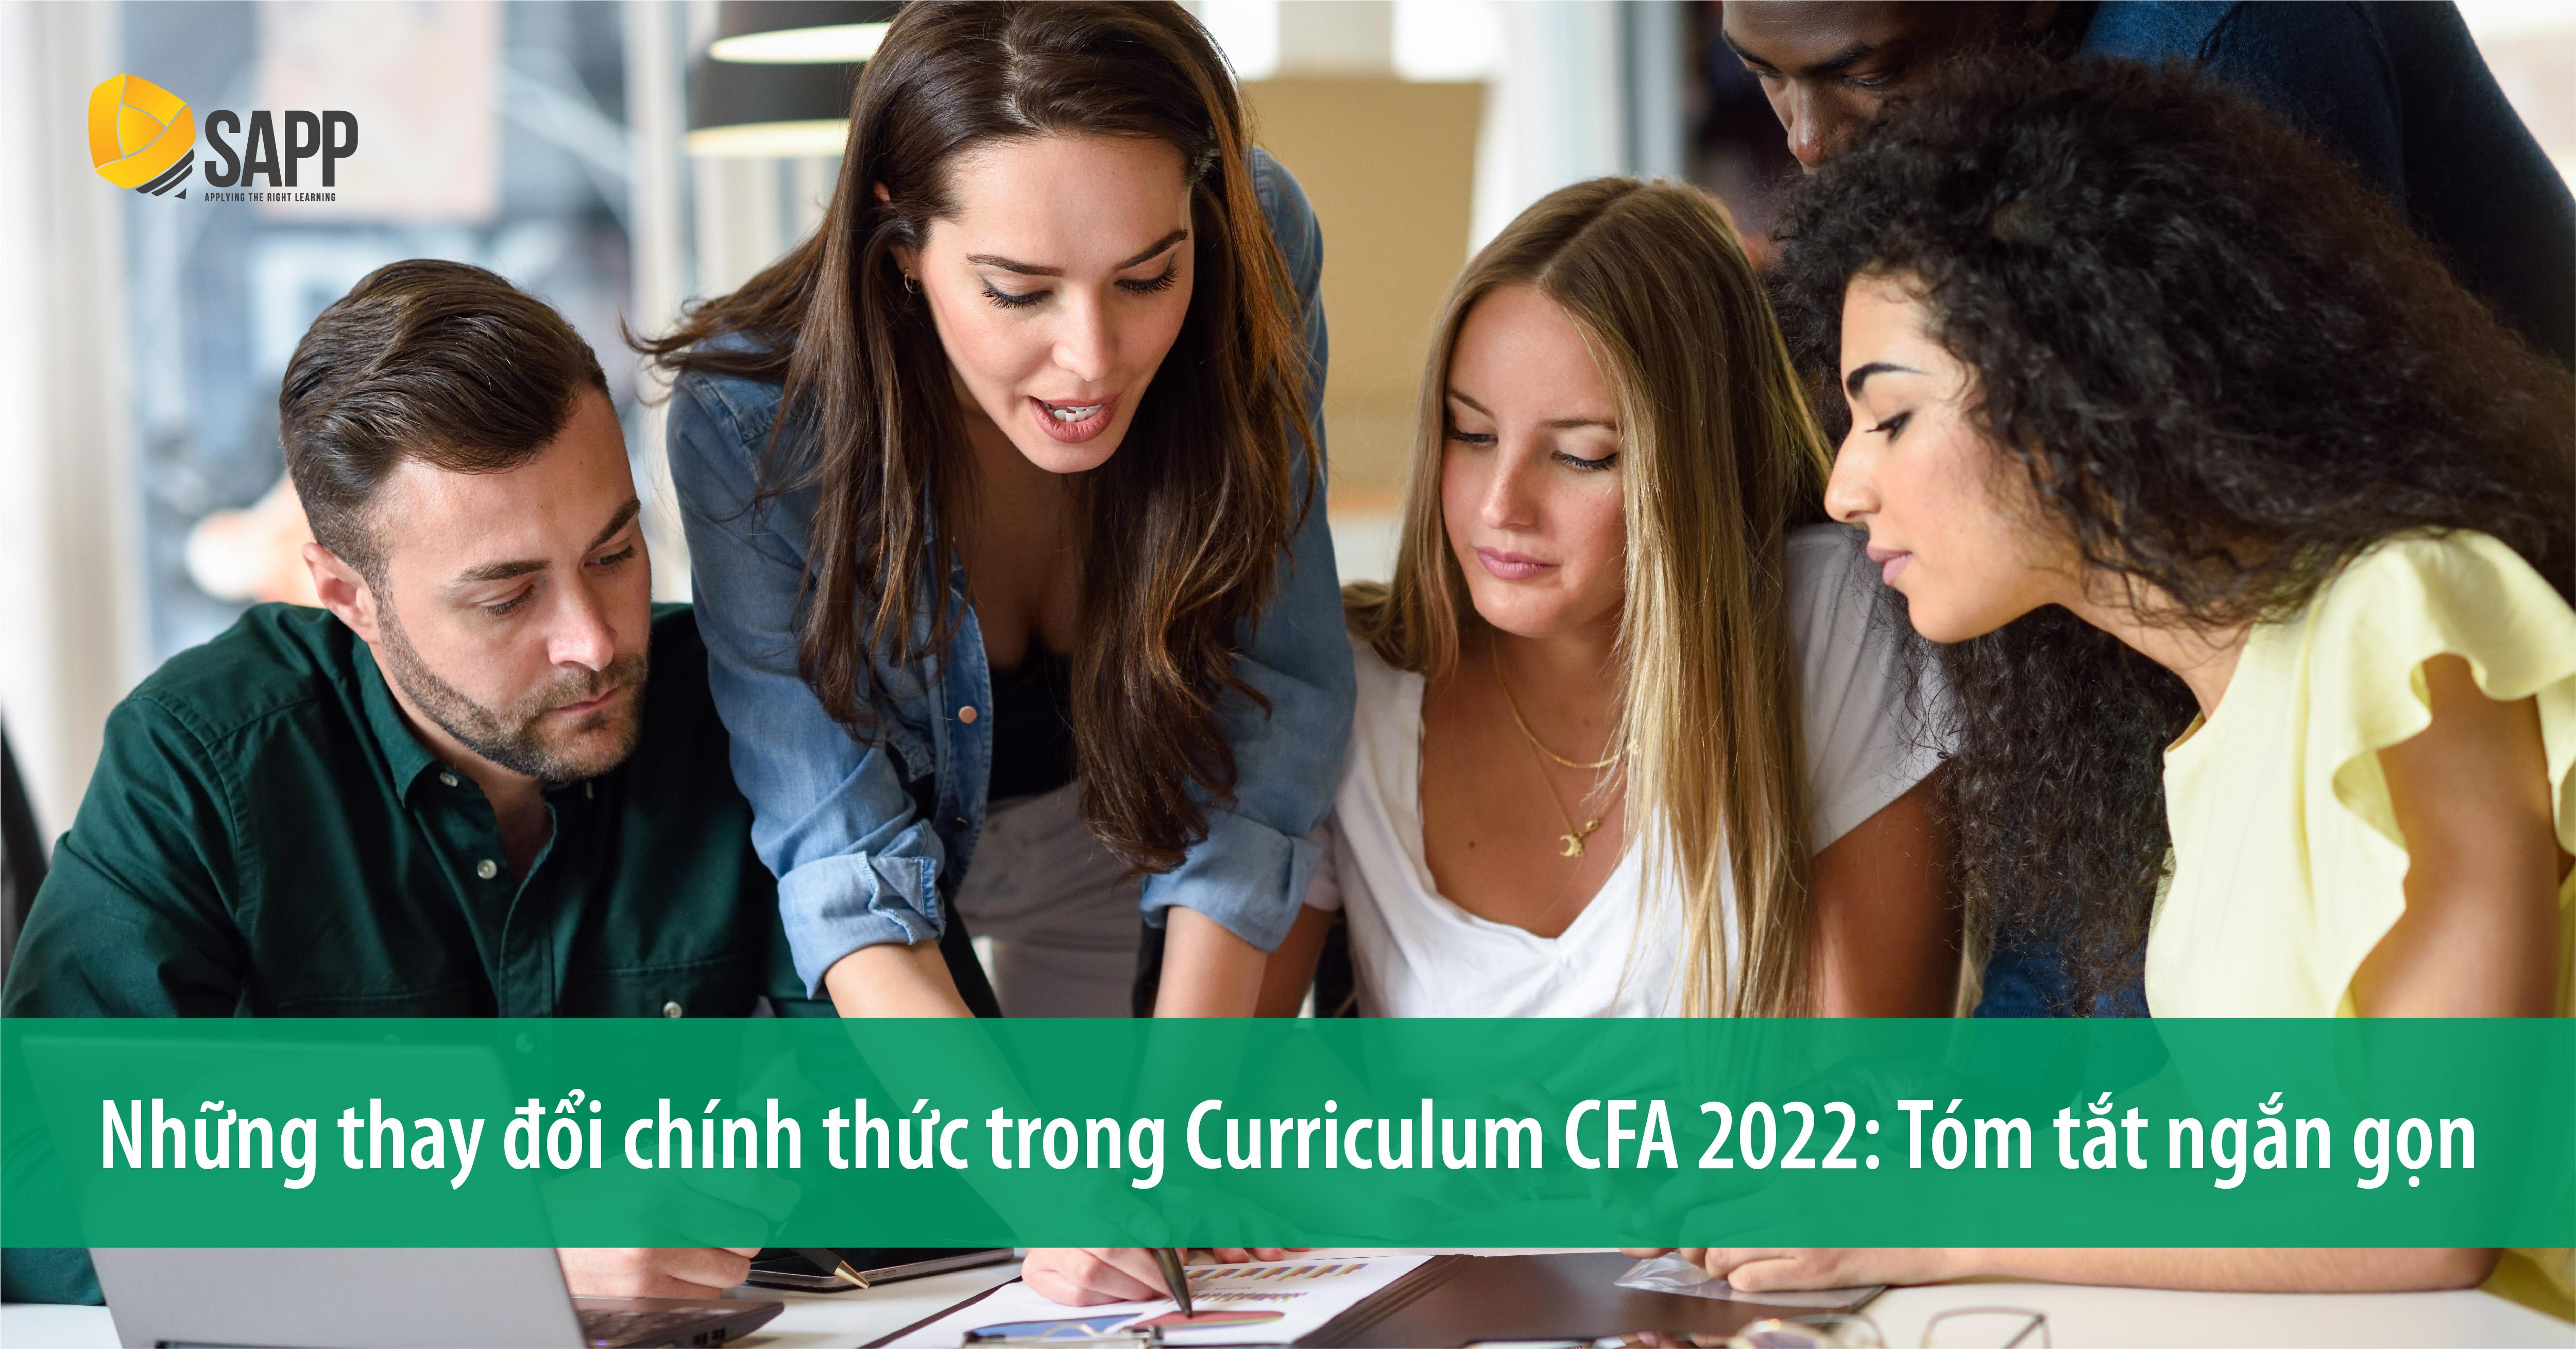 CFA Curriculum changes 2022